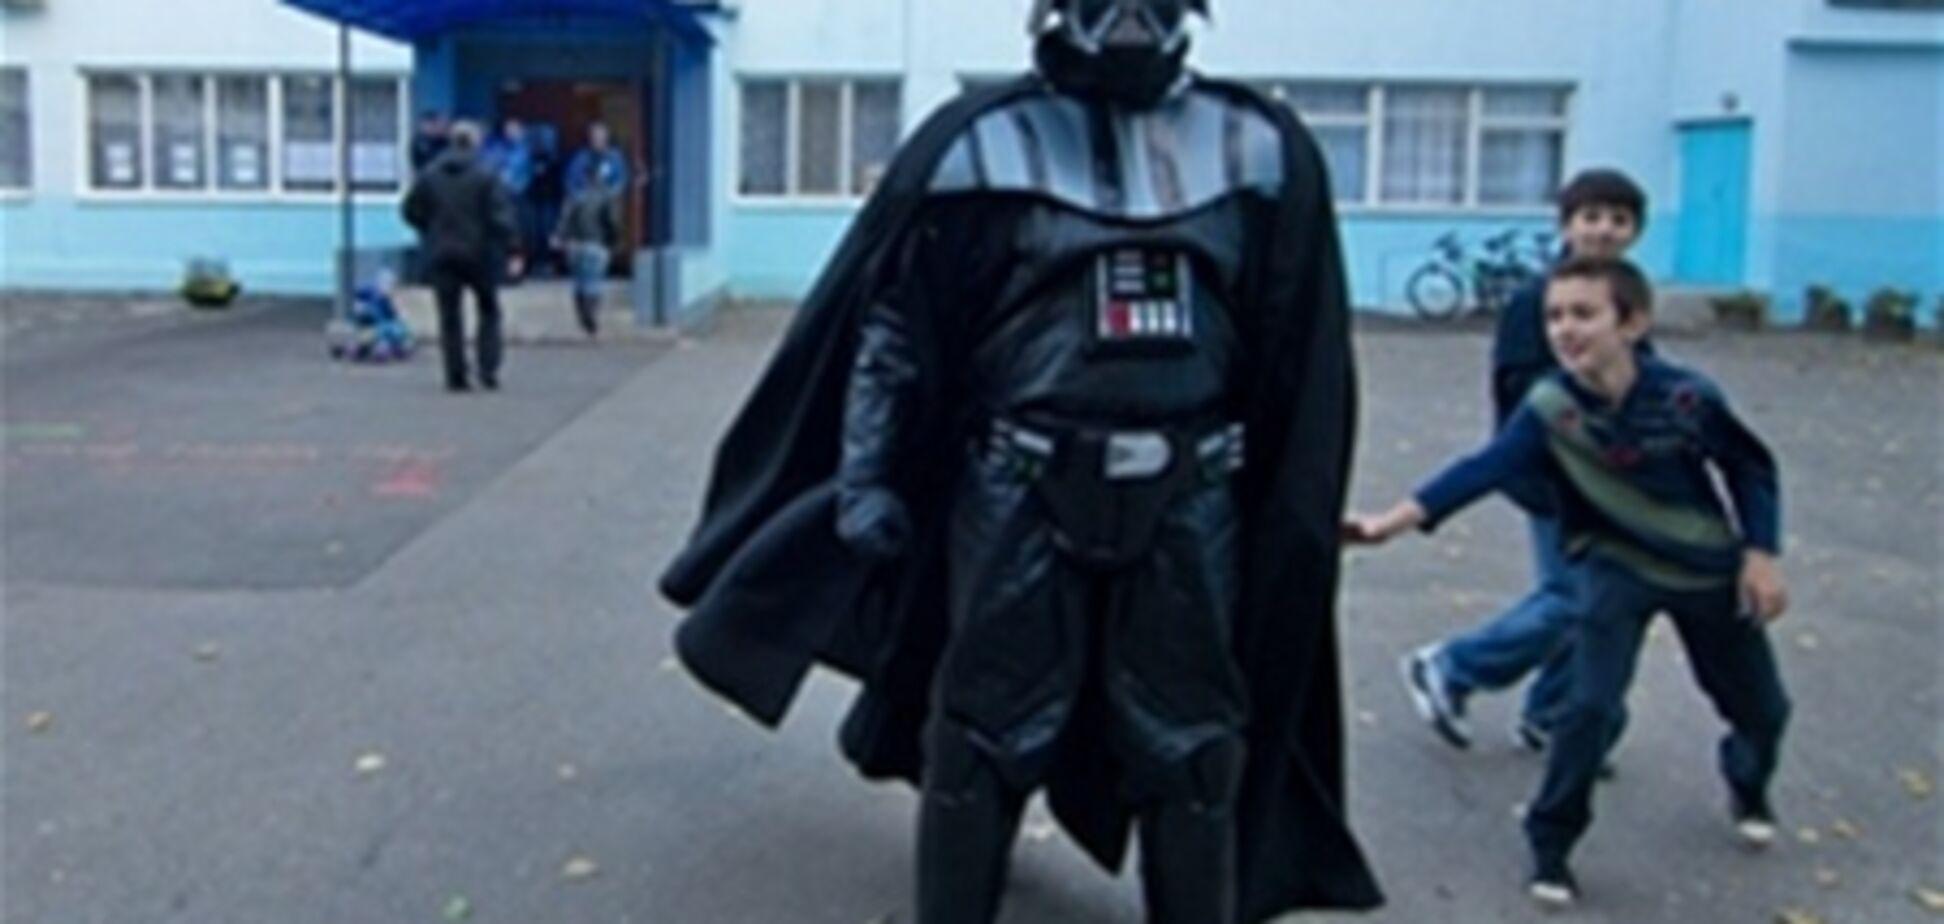 Дарт Вейдер пытался проголосовать в Одессе. Фото. Видео